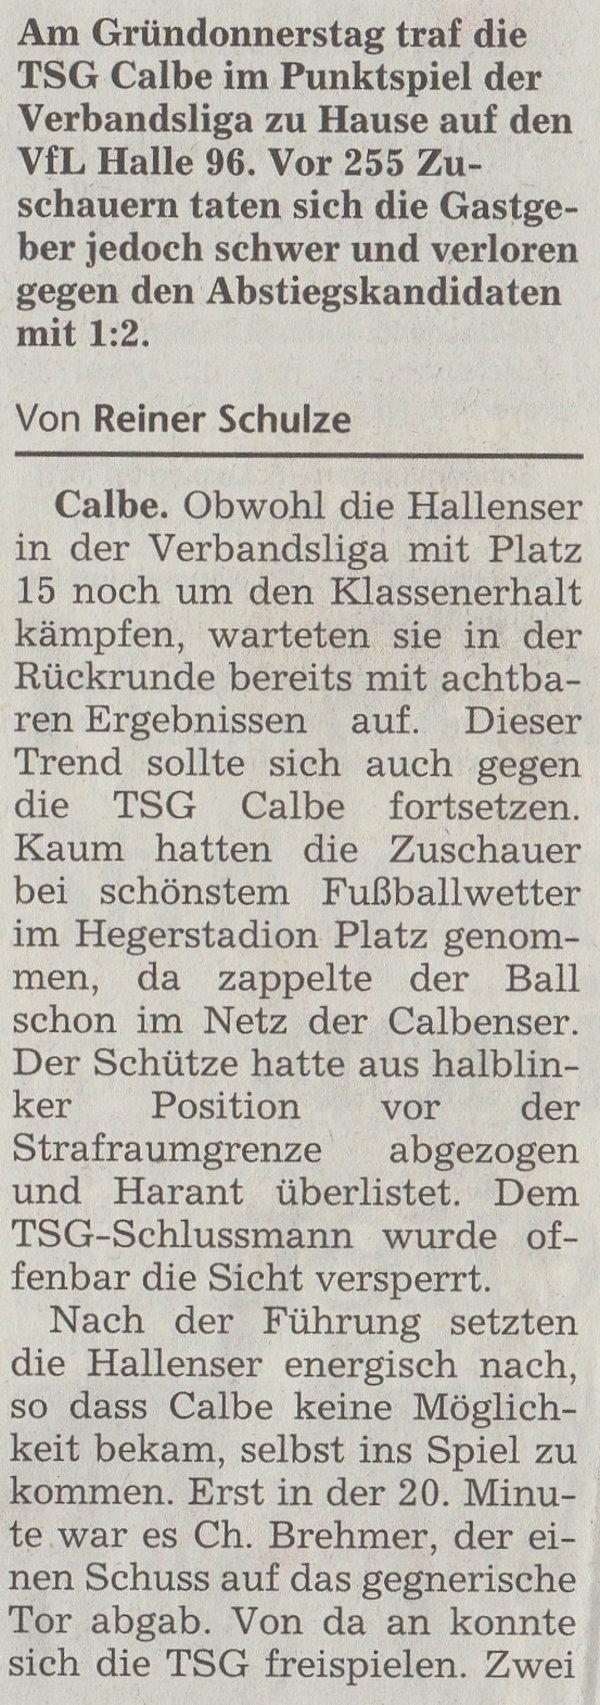 Volksstimme-Artikel vom 22. April 2003 (Teil 1).